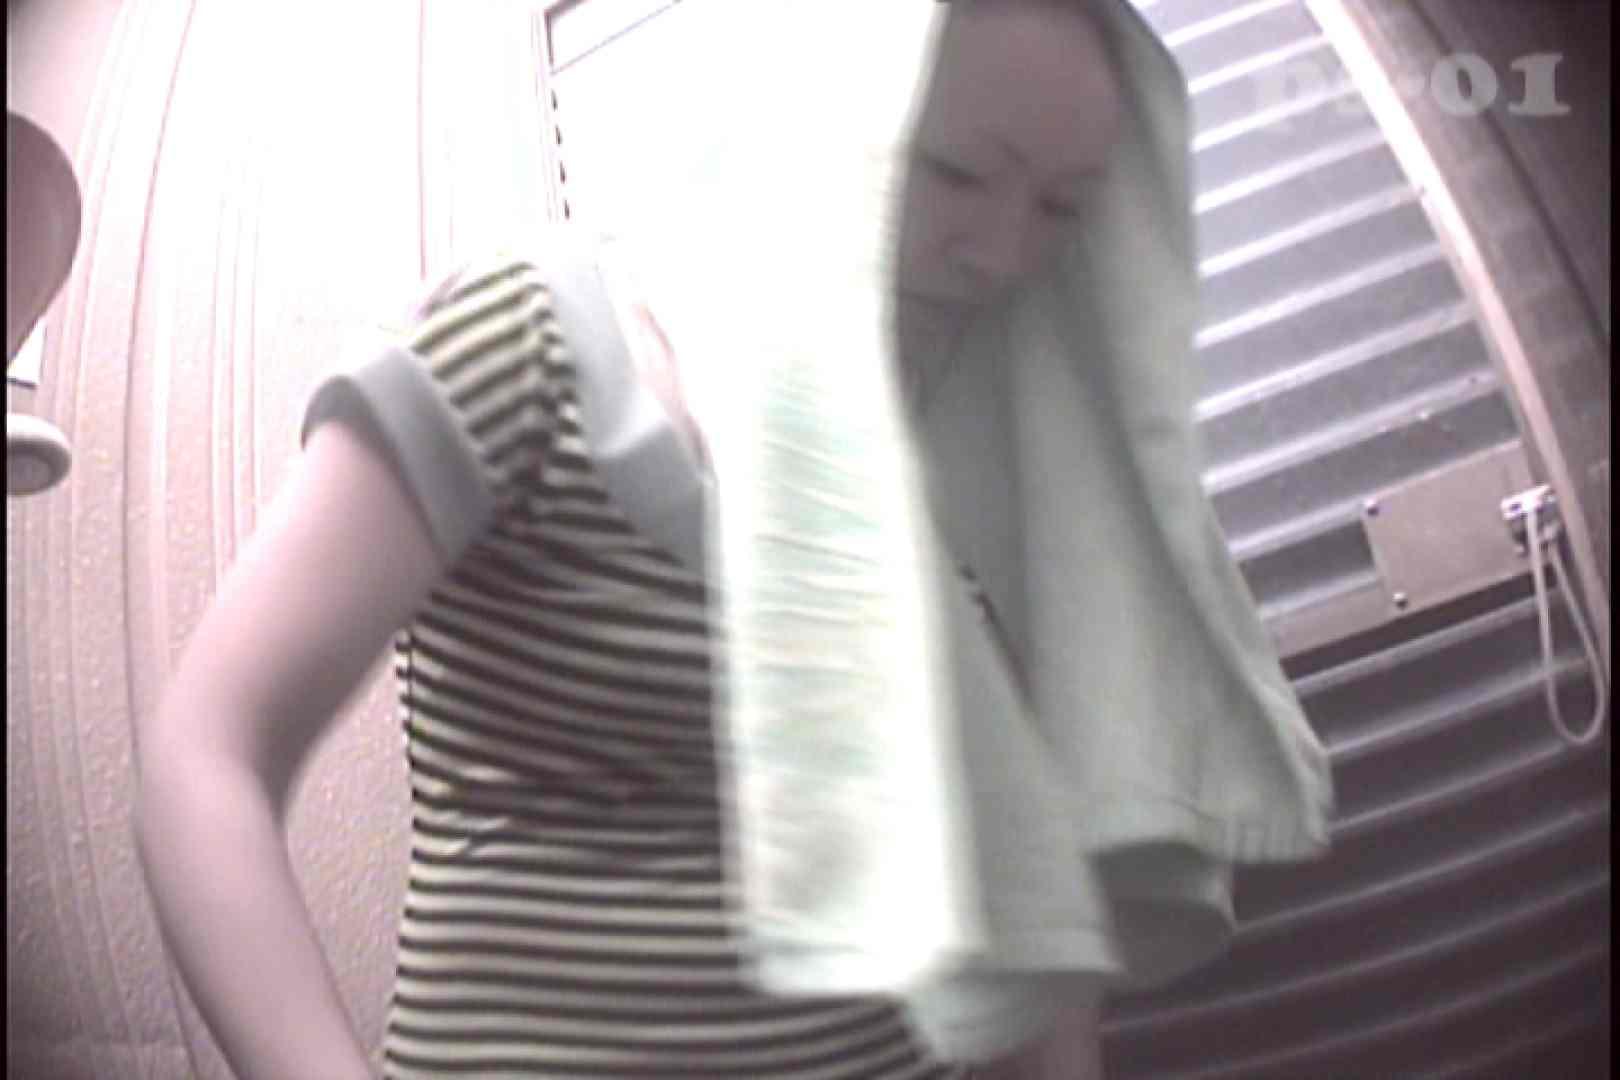 File.01 へそピアスのお姉さん、ちょっと強引な無駄毛処理 盗撮 SEX無修正画像 62PIX 17